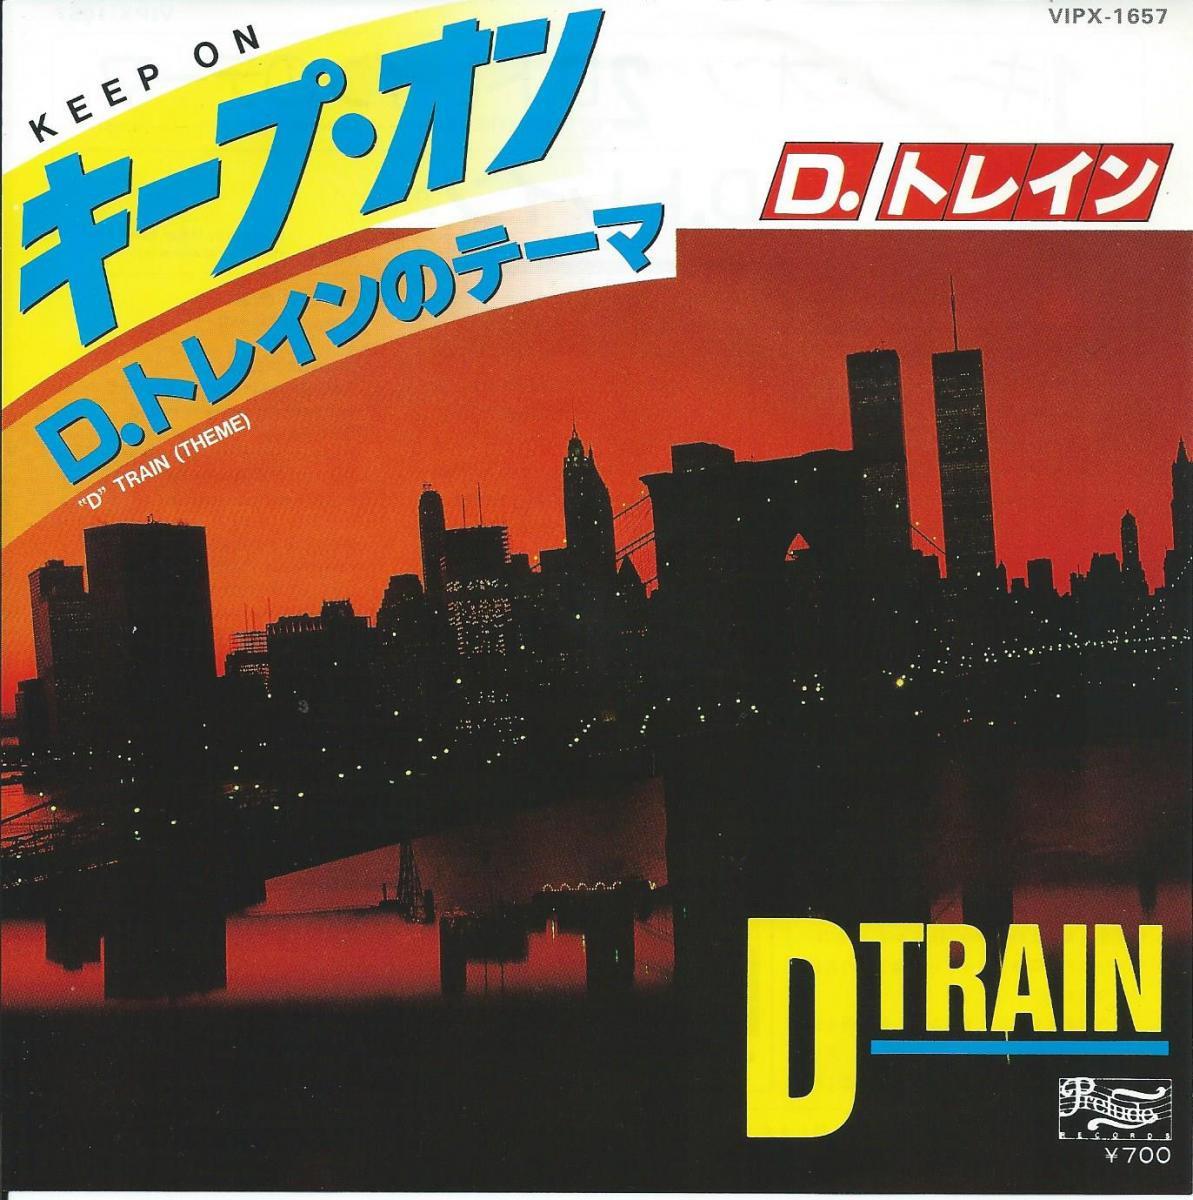 D.トレイン / D TRAIN / キープ・オン KEEP ON / D.トレインのテーマ